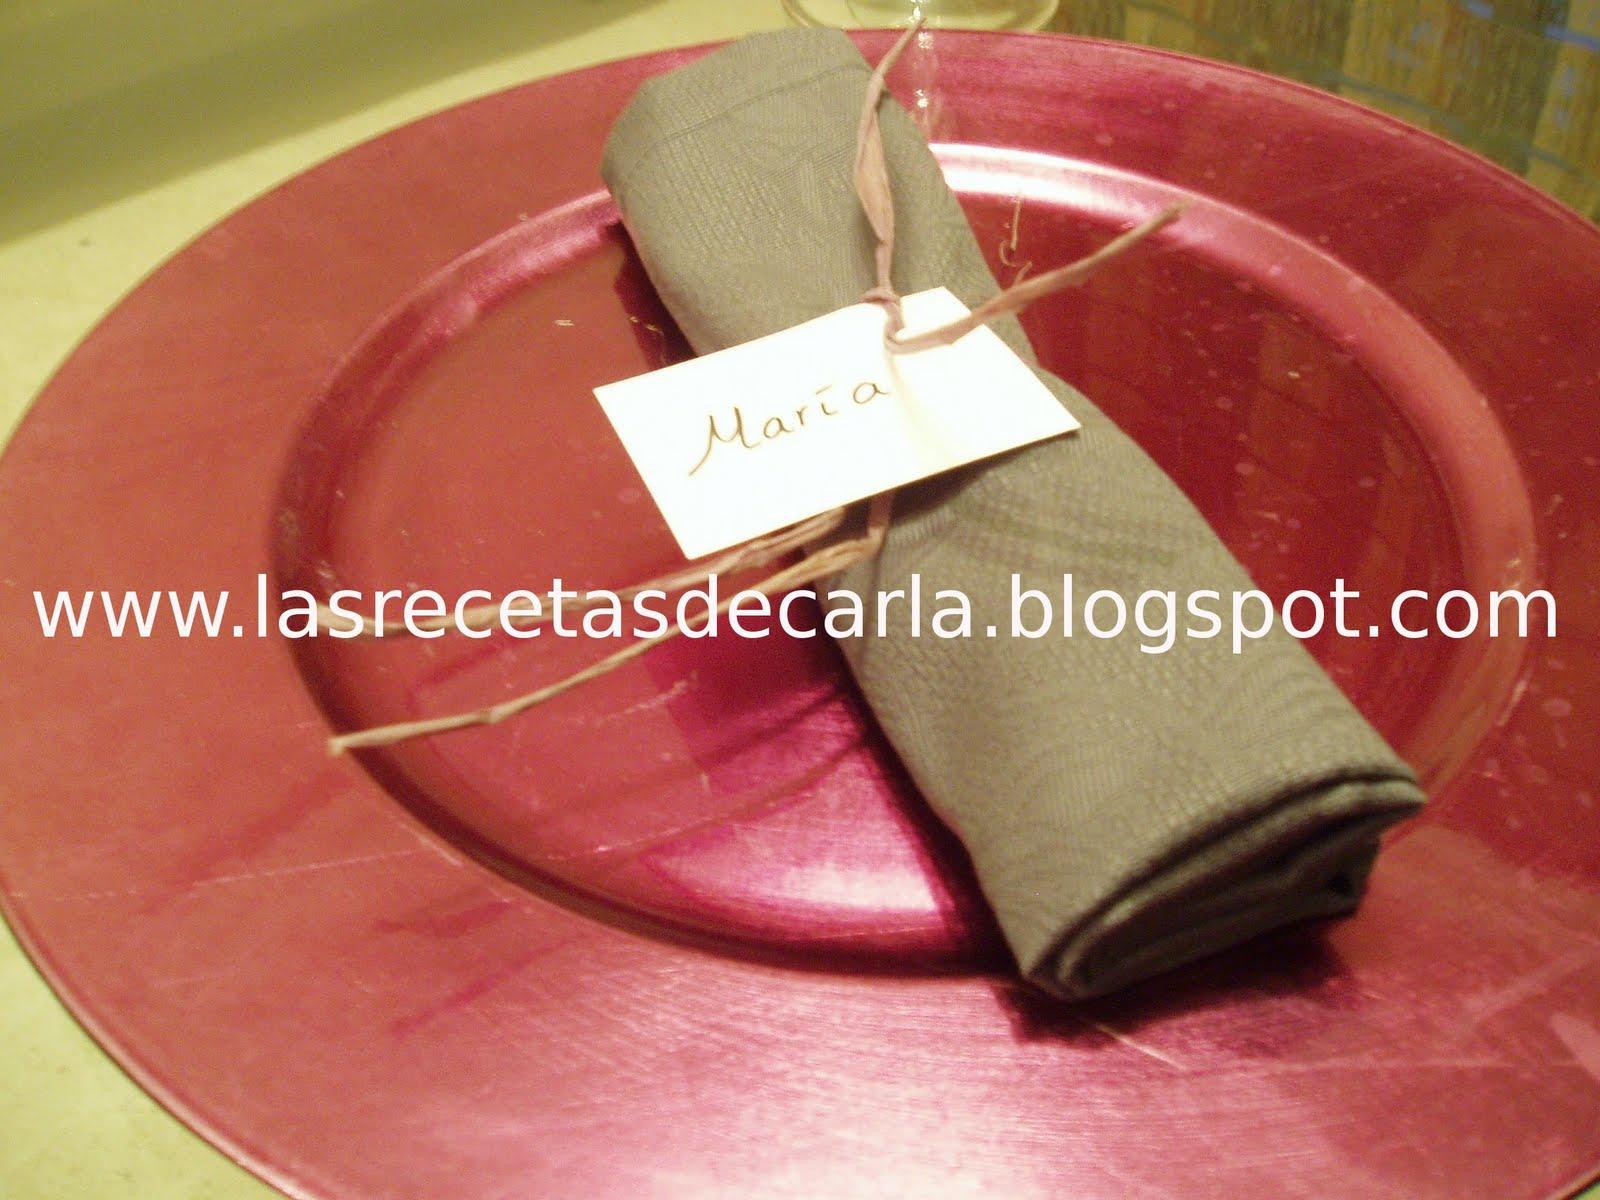 Las recetas de carla servilletas personalizadas - Servilletas personalizadas ...